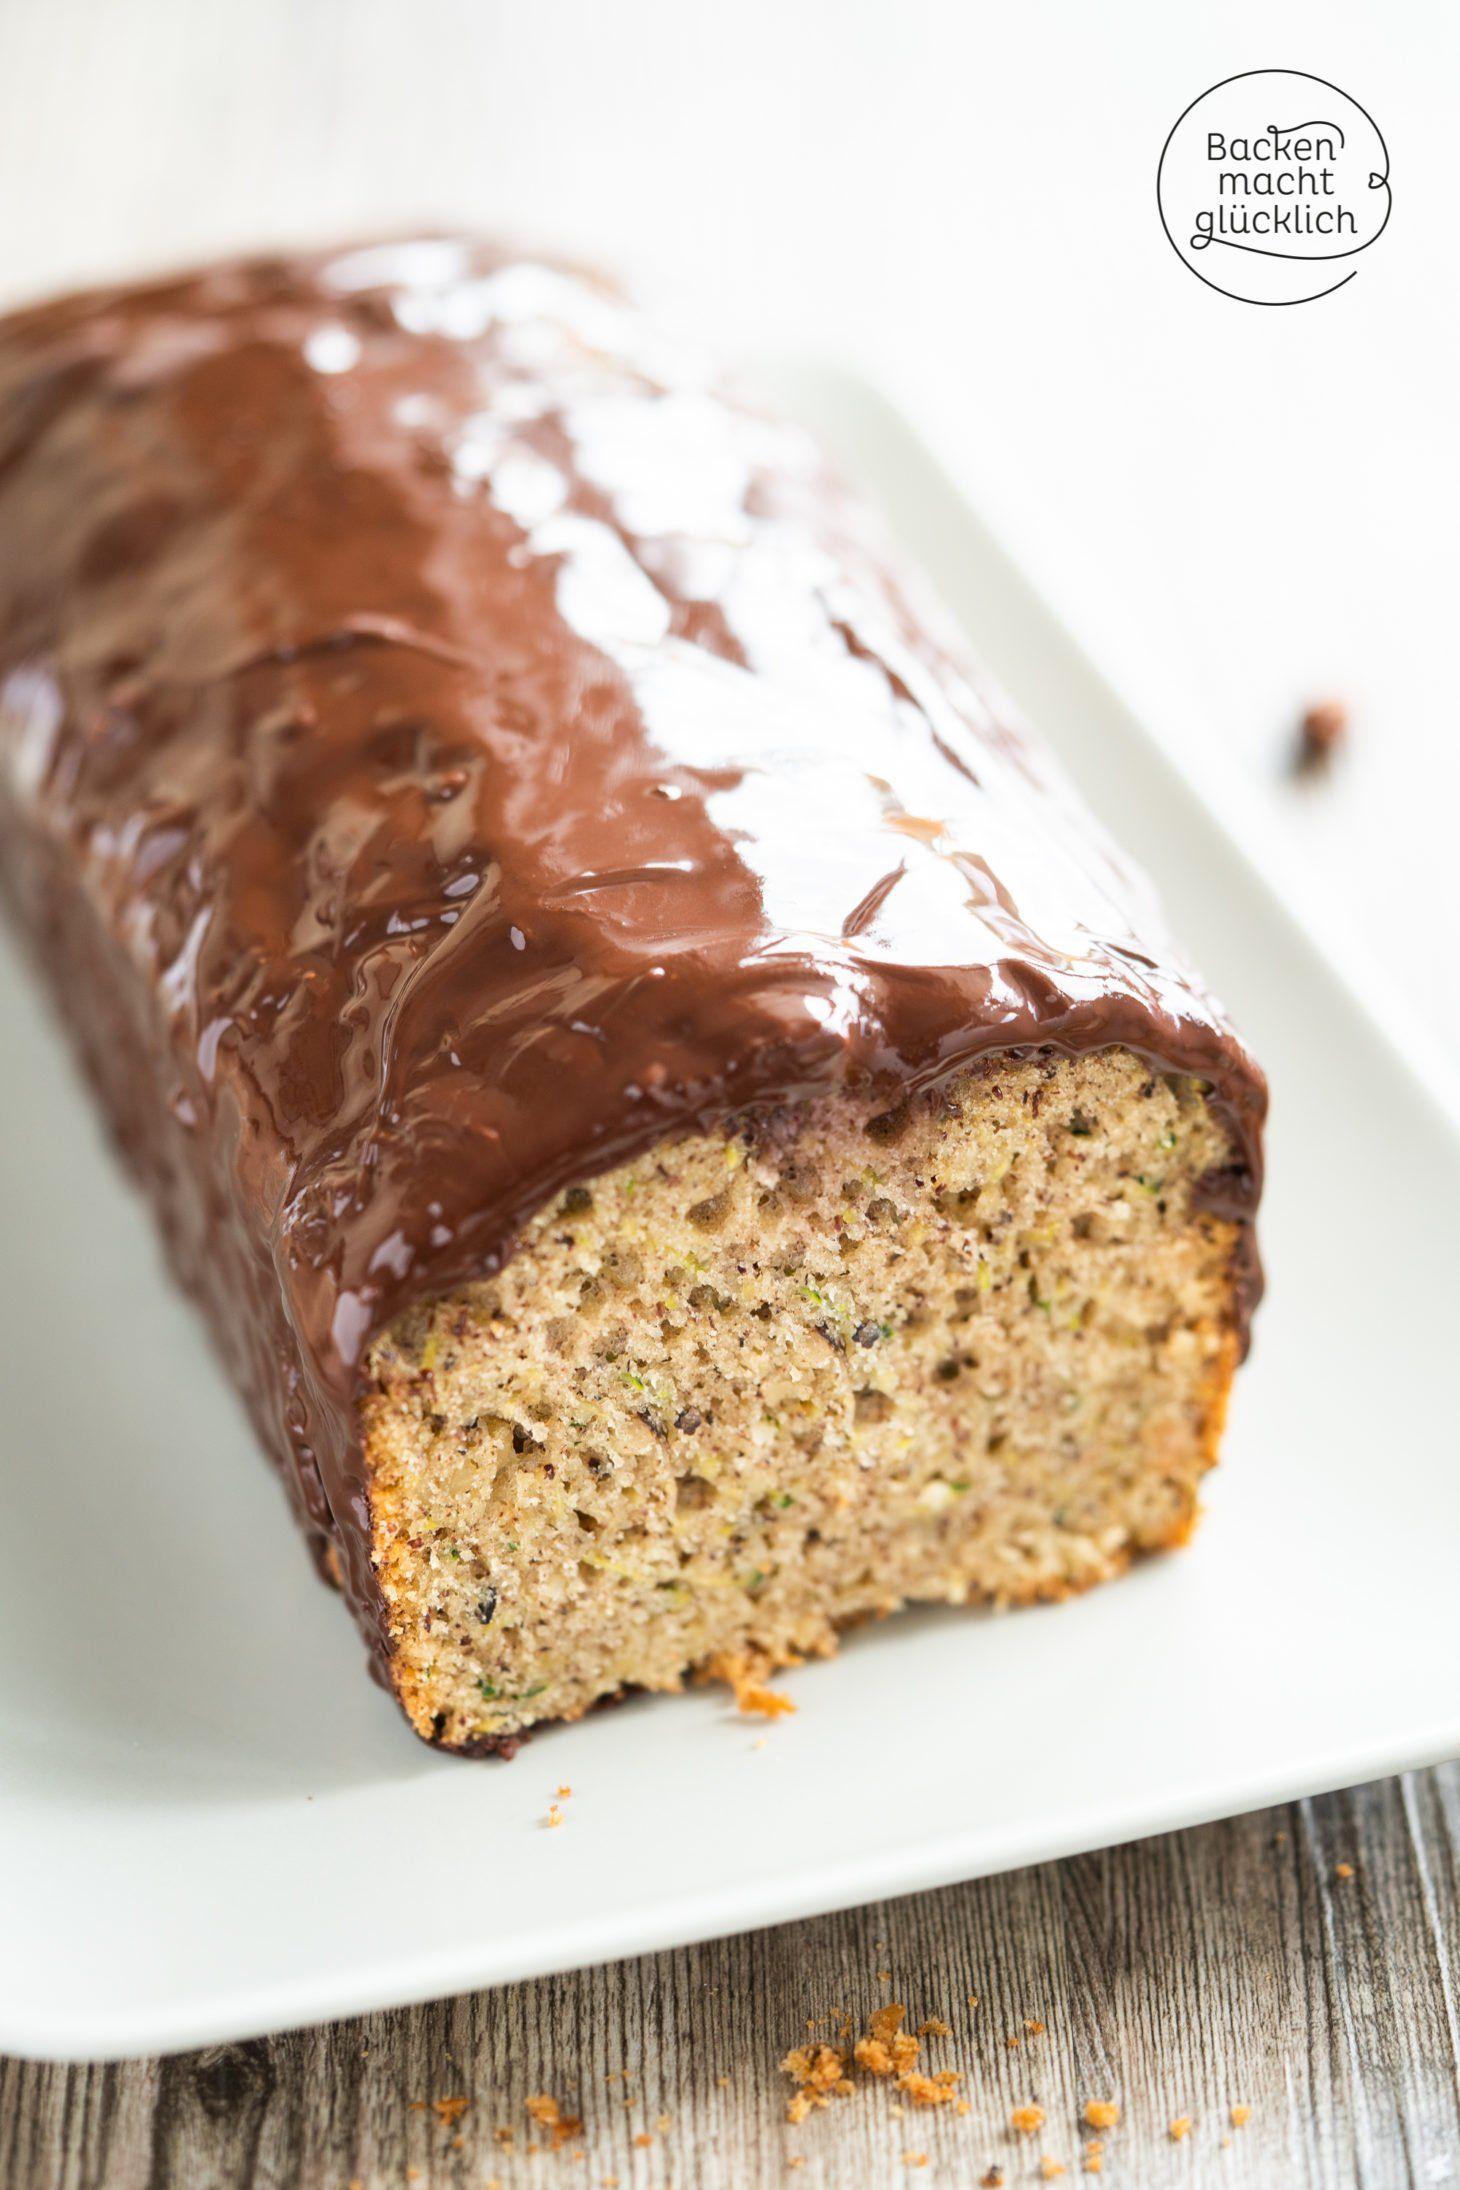 Saftiger Zucchini Nuss Kuchen Backen Macht Glucklich Rezept Zucchini Kuchen Kuchen Ohne Backen Susse Kuchen